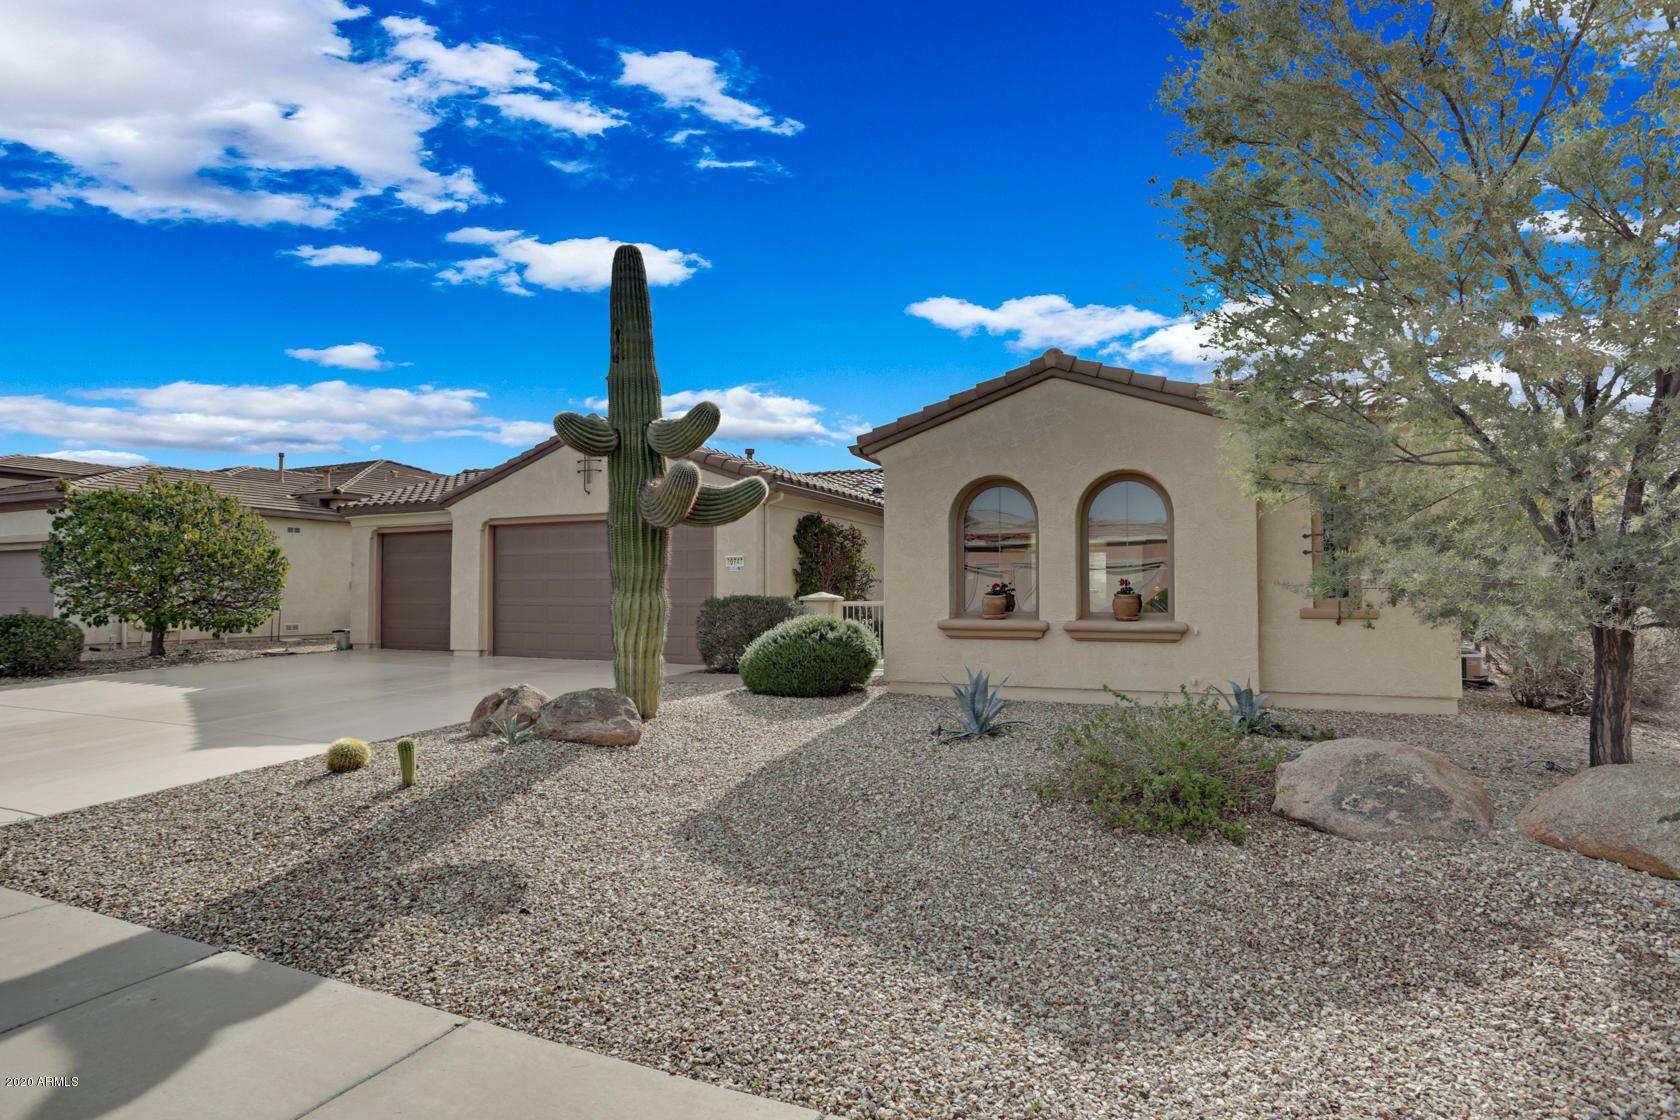 20747 N ENCHANTMENT Drive, Surprise, AZ 85387 - MLS#: 6044258